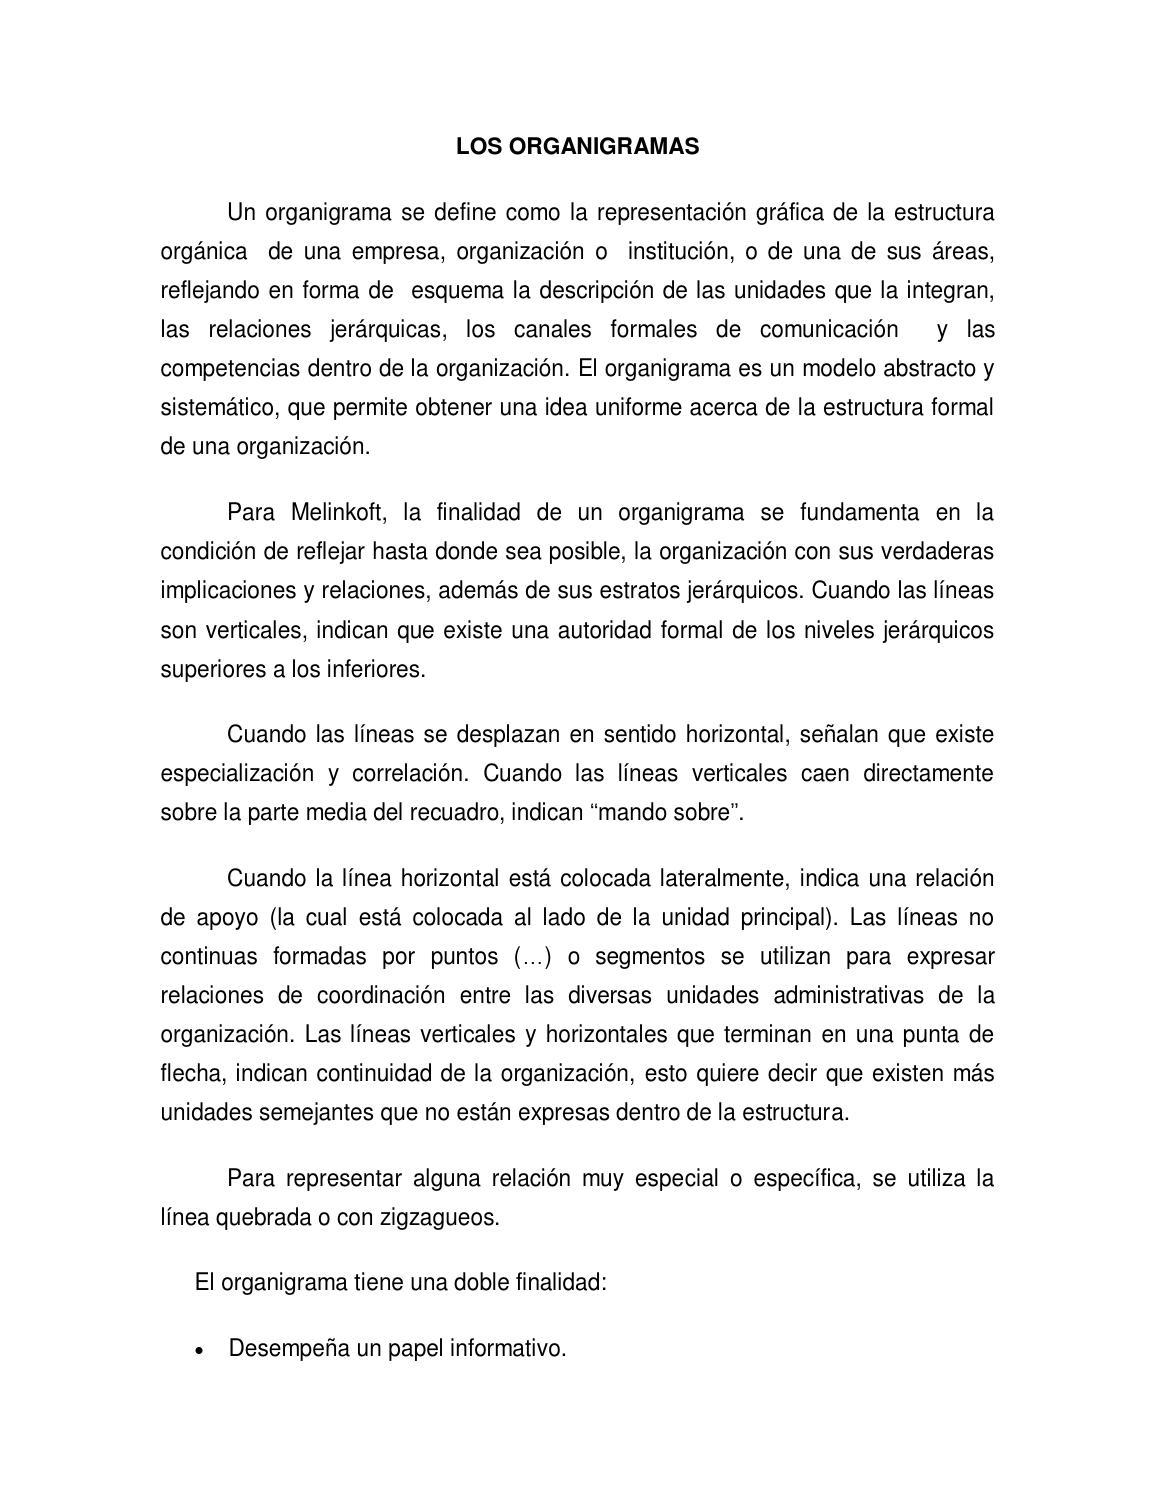 Los Organigramas By Luis Julián Marcial Lorenzo Issuu